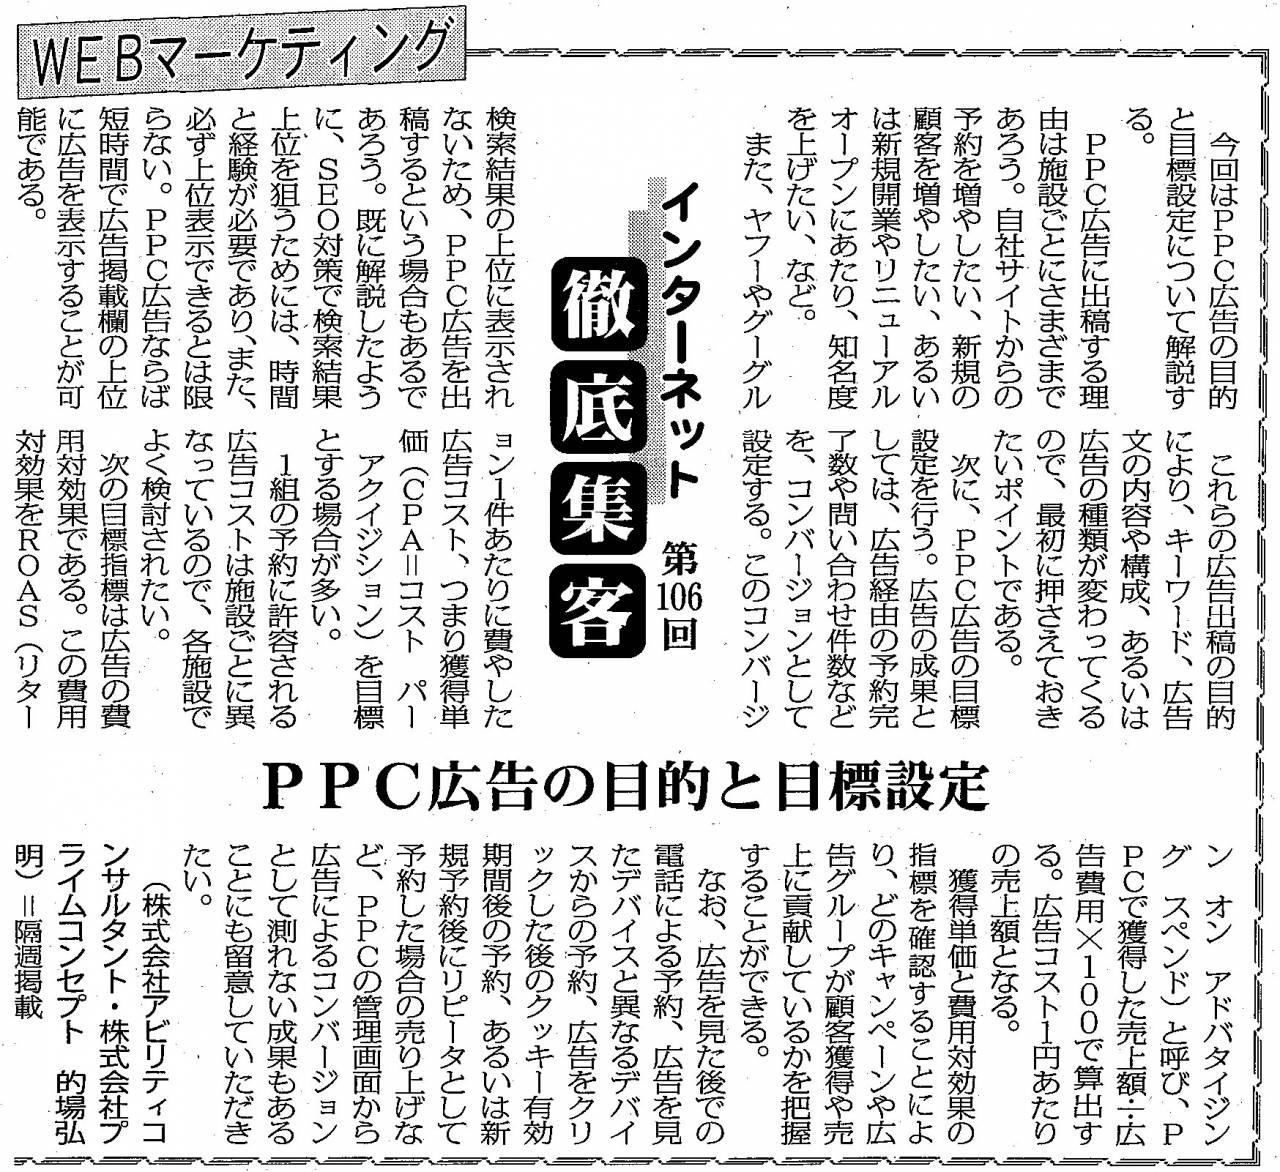 【第106回】WEBマーケティング  PPC広告の目的と目標設定